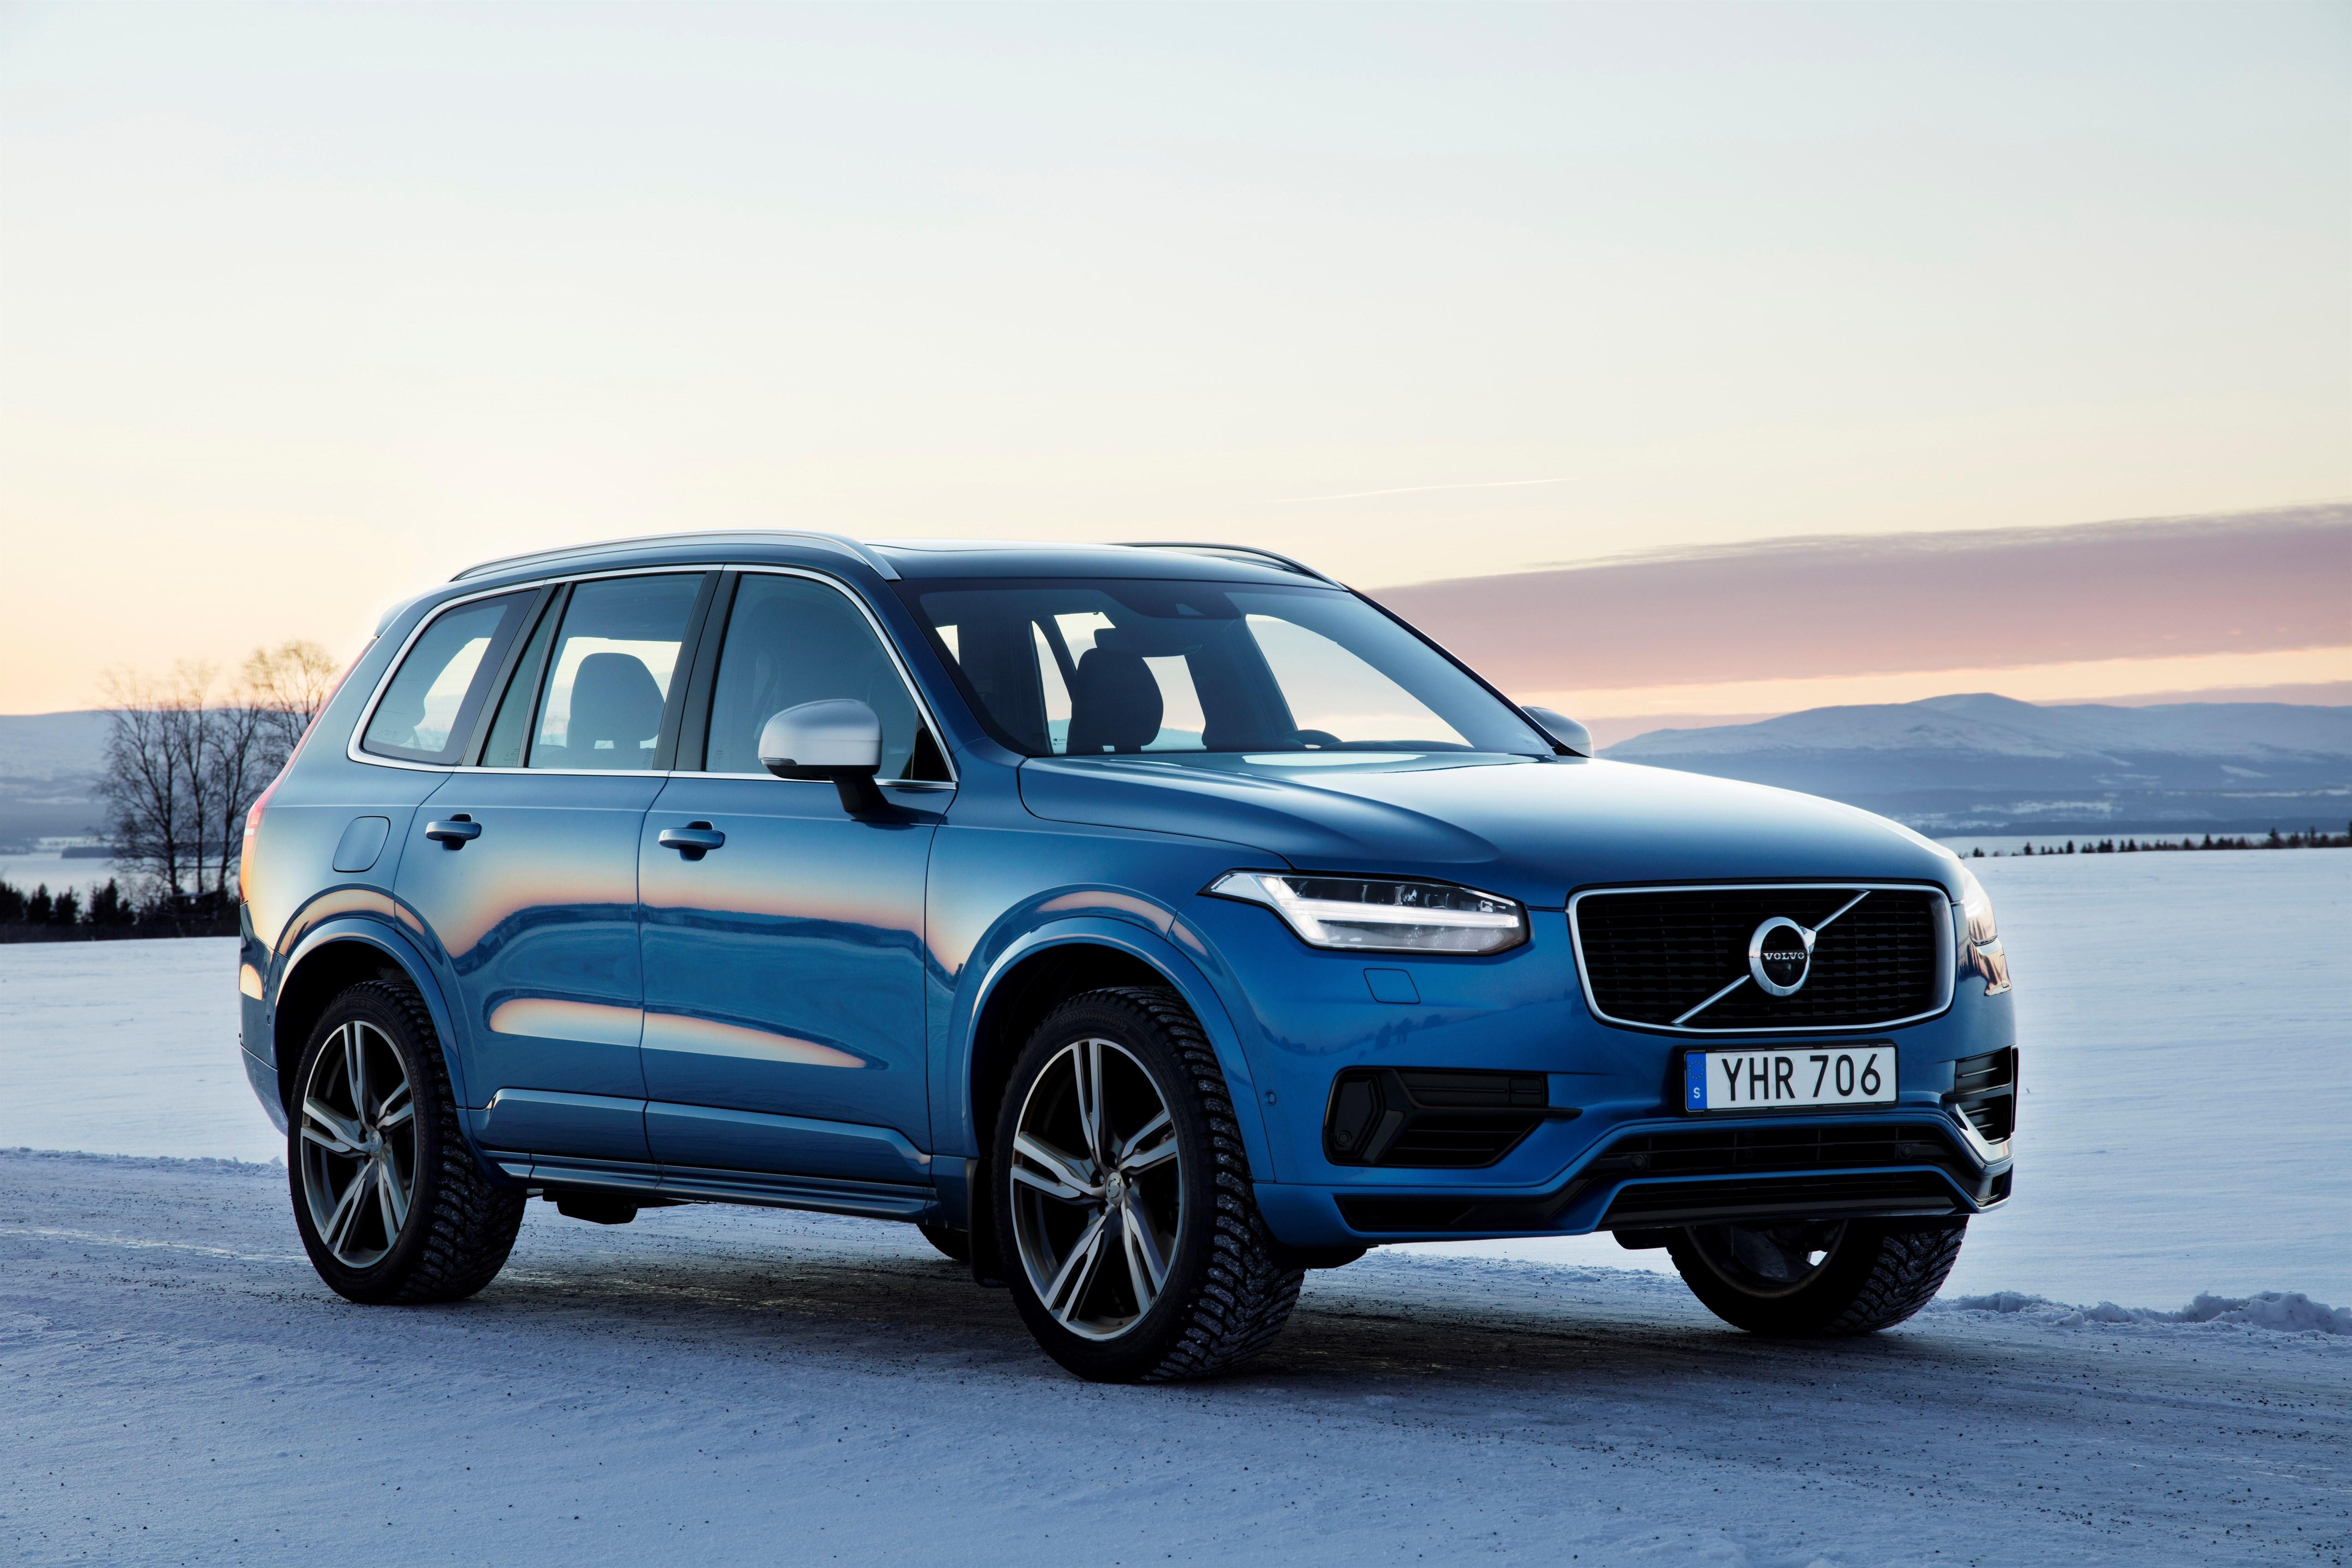 Kina ønsker å forby produksjon og salg av fossibiler. Volvo er en av bilprodusentene som skal satse på elbiler.